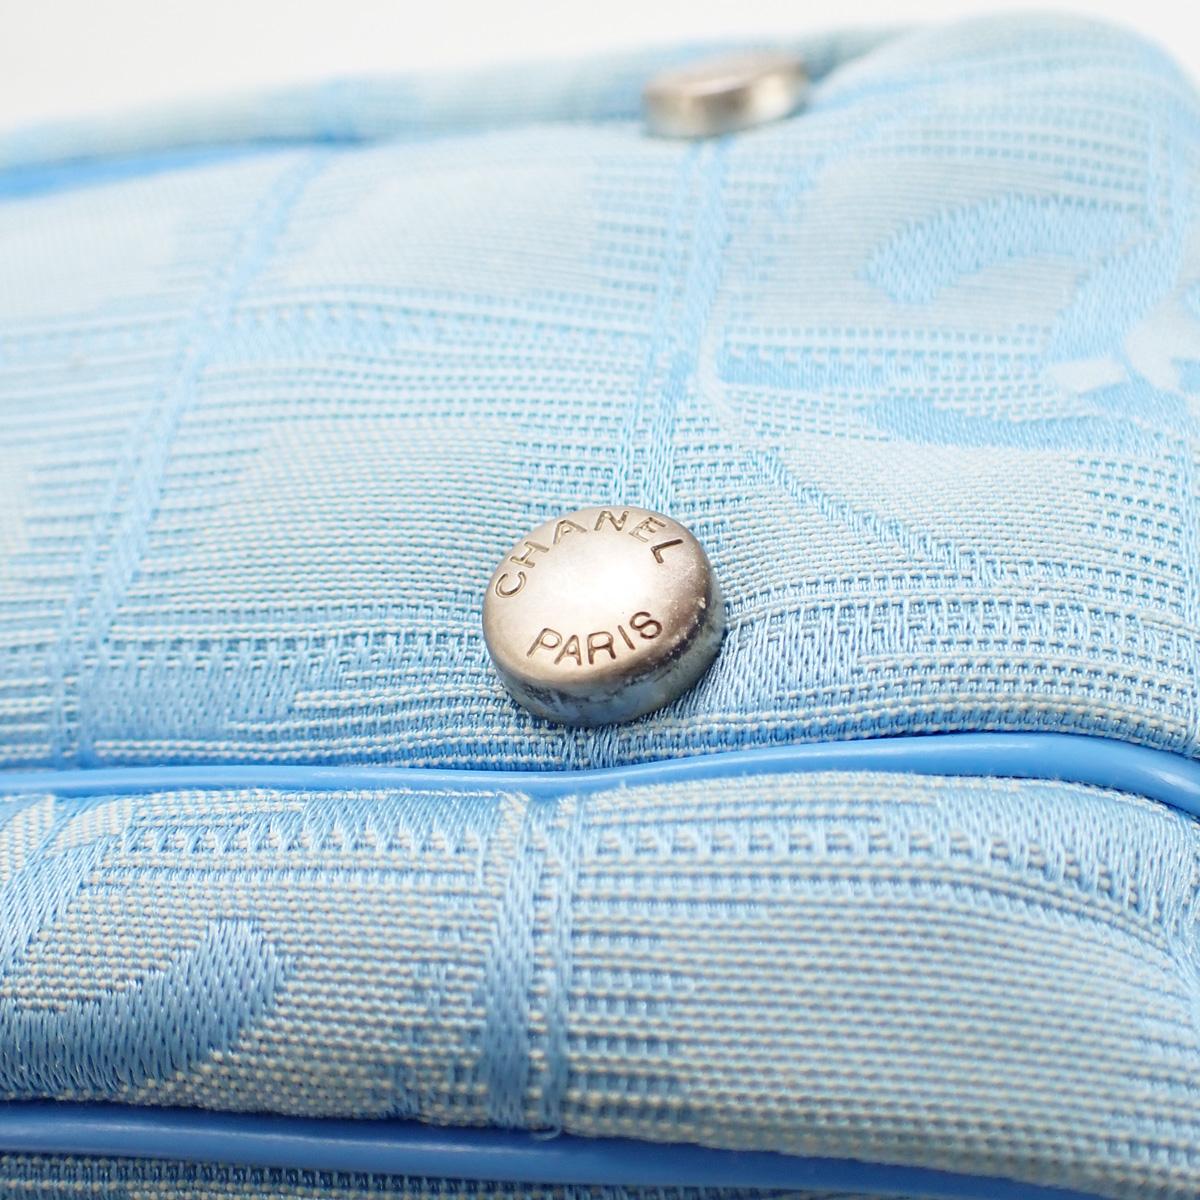 【辛口評価】【ABランク】CHANEL シャネル ニュートラベルライン 2WAYバッグ A15970 ナイロン ライトブルー